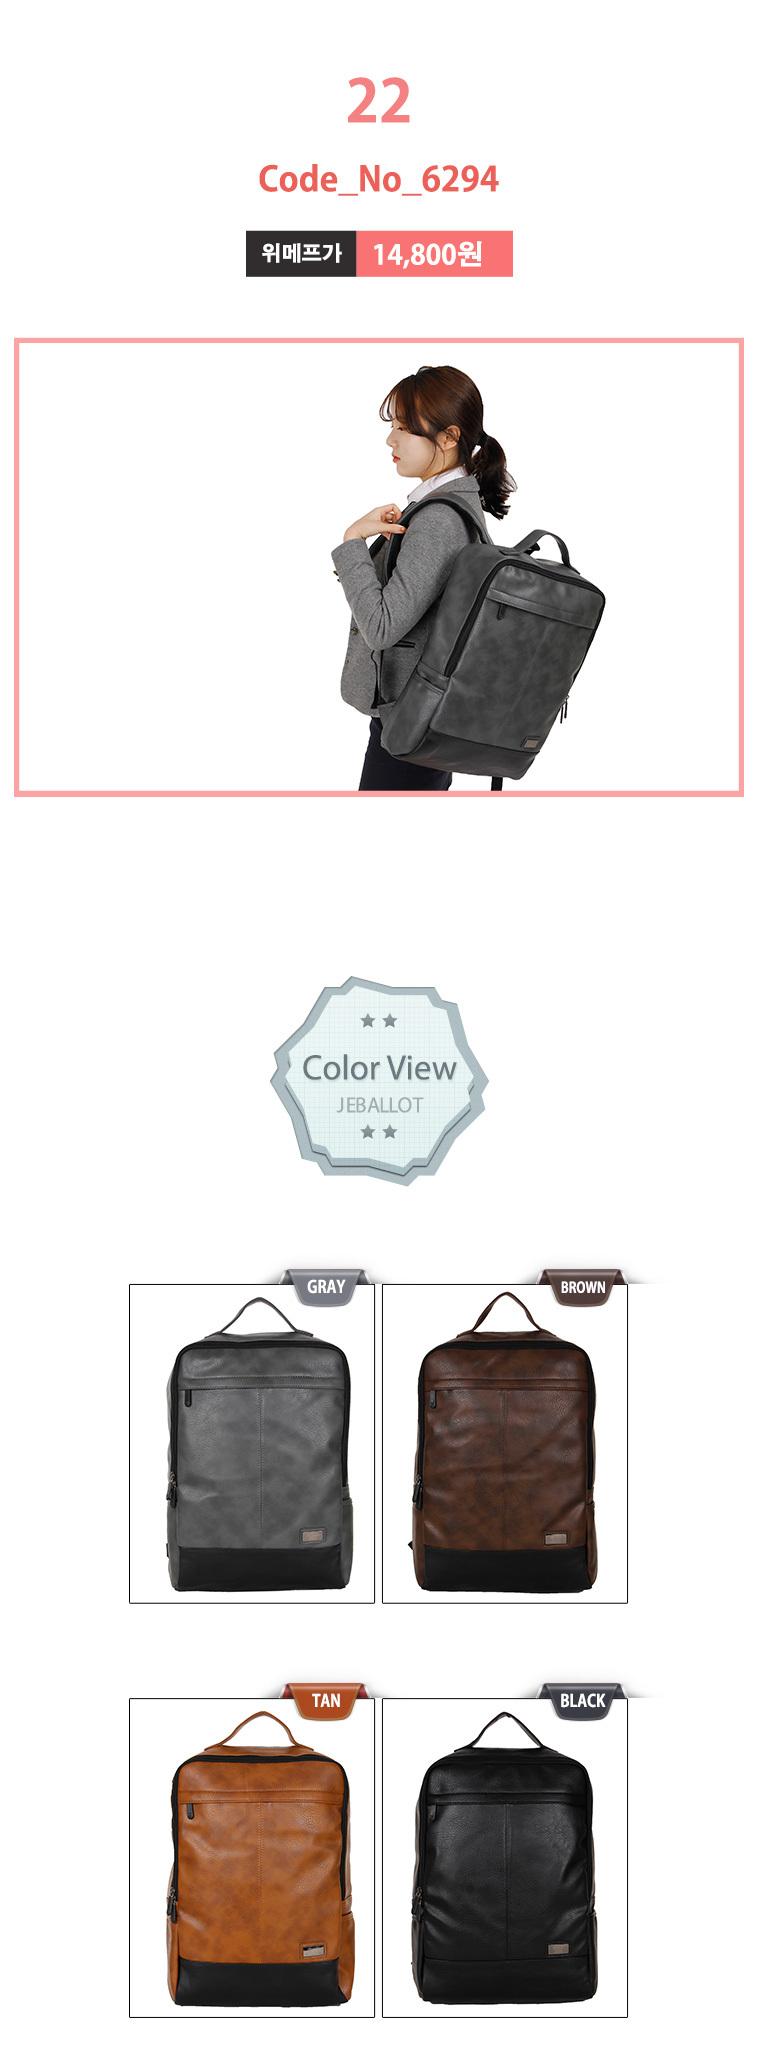 [무료배송] 쥬벨로 정품 캐주얼백팩 - 상세정보